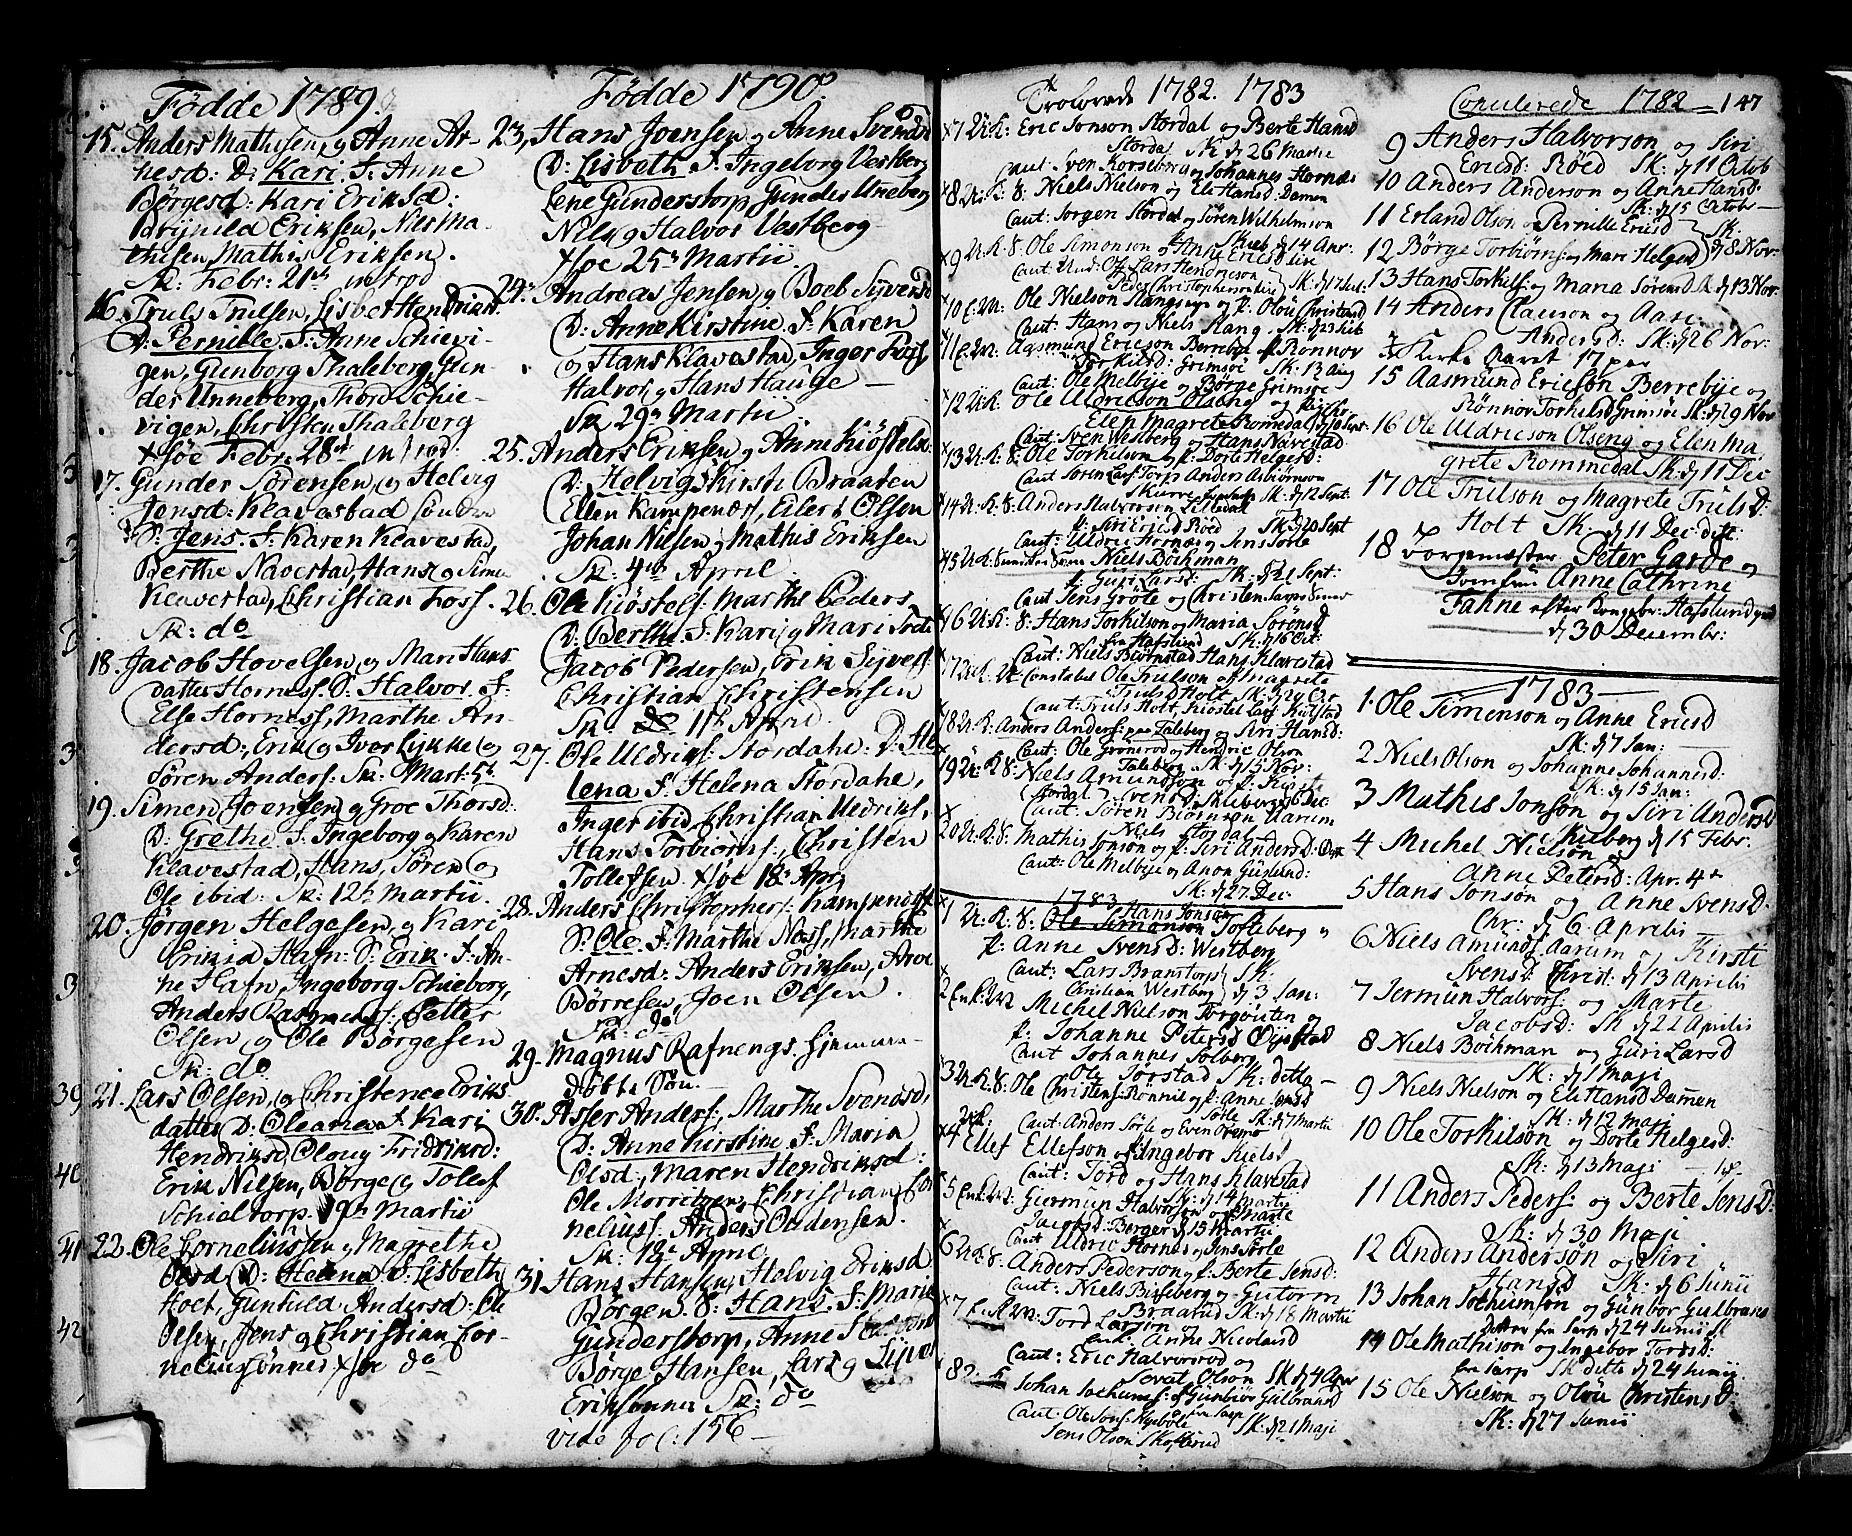 SAO, Skjeberg prestekontor Kirkebøker, F/Fa/L0002: Ministerialbok nr. I 2, 1726-1791, s. 147